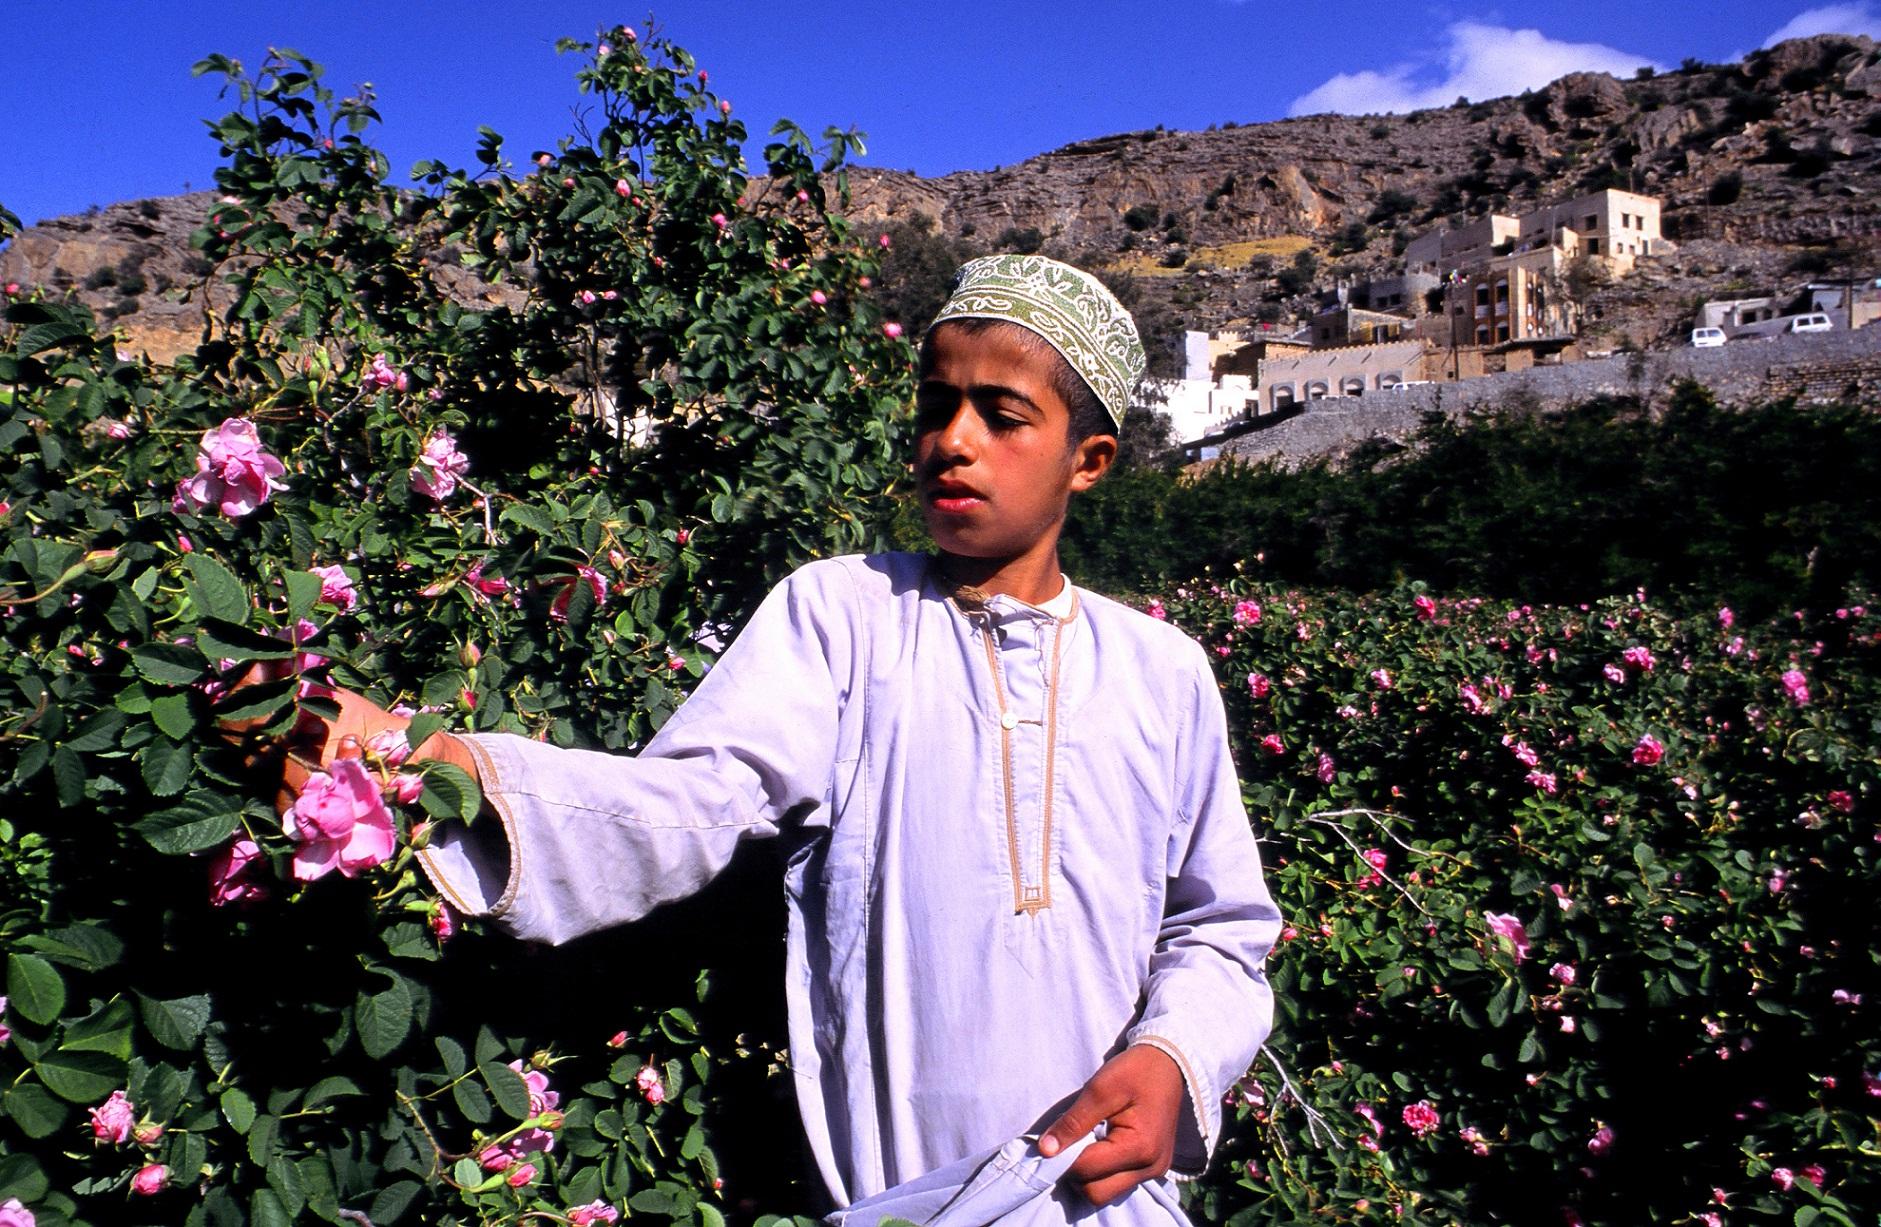 Rose-picker-Jabal-Akhdar-Oman